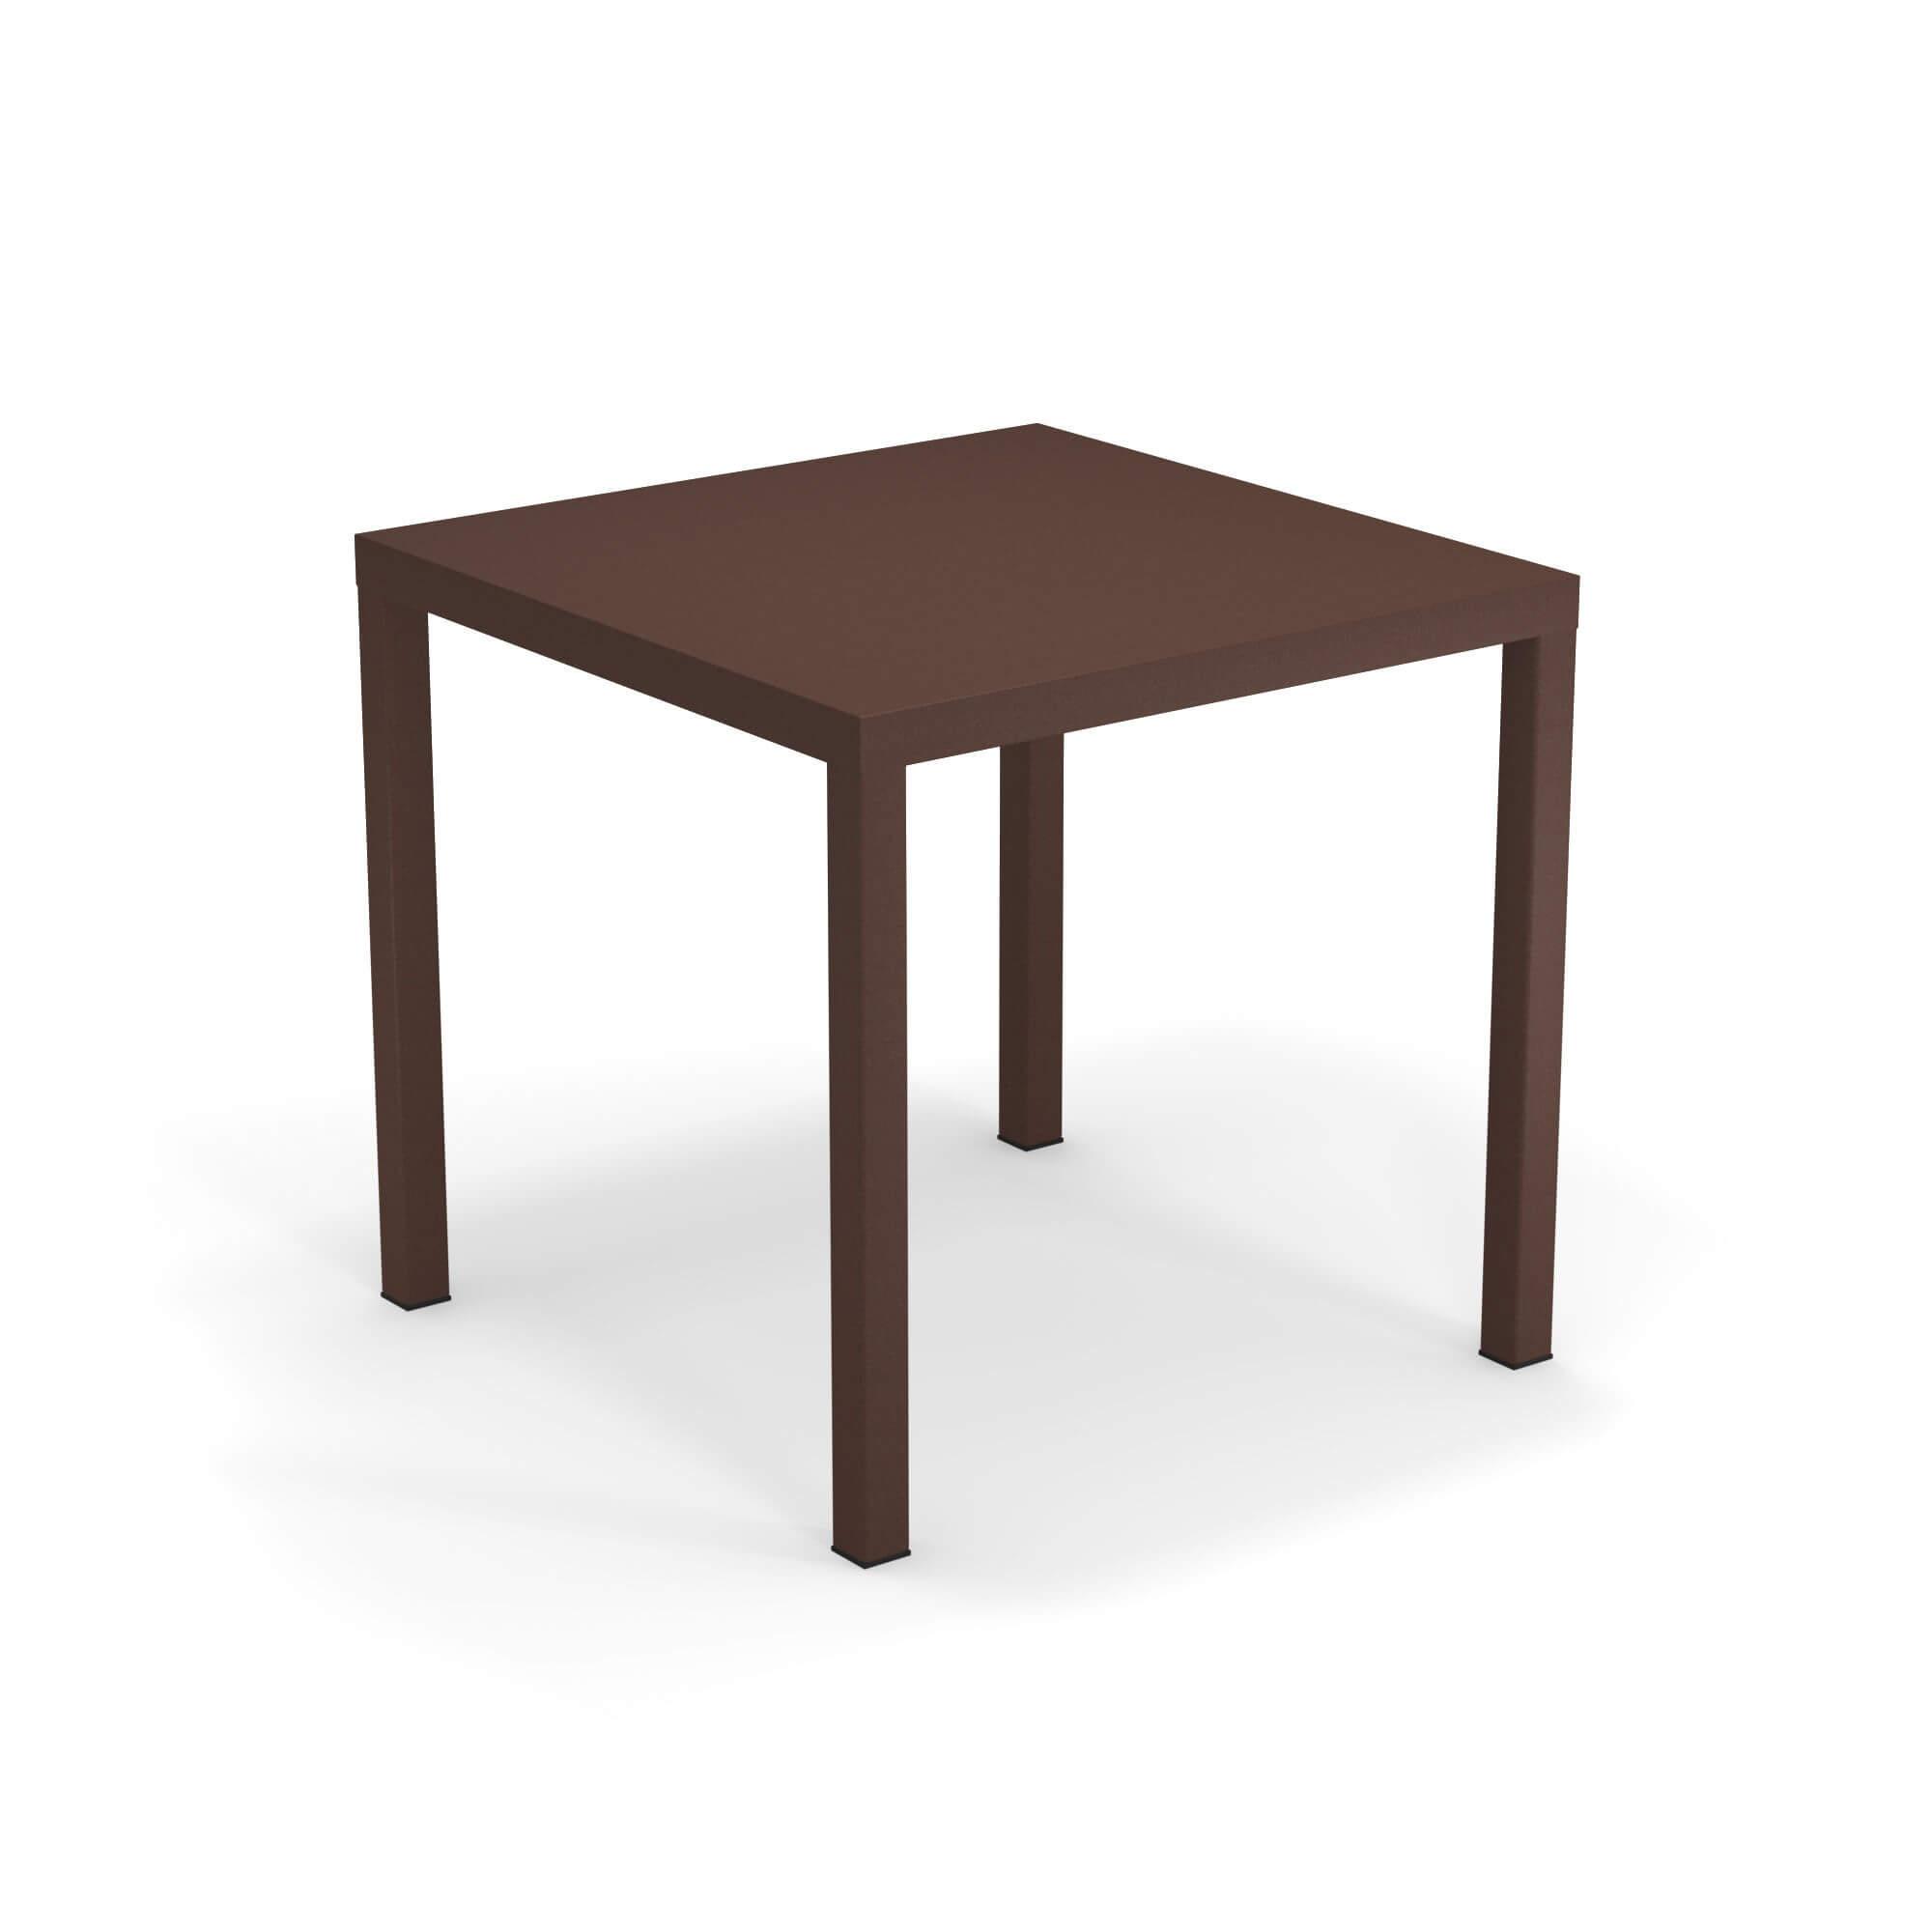 Tavoli Emu Da Esterno.Tavolo Quadrato 80x80 Da Giardino Esterno In Acciaio Collezione